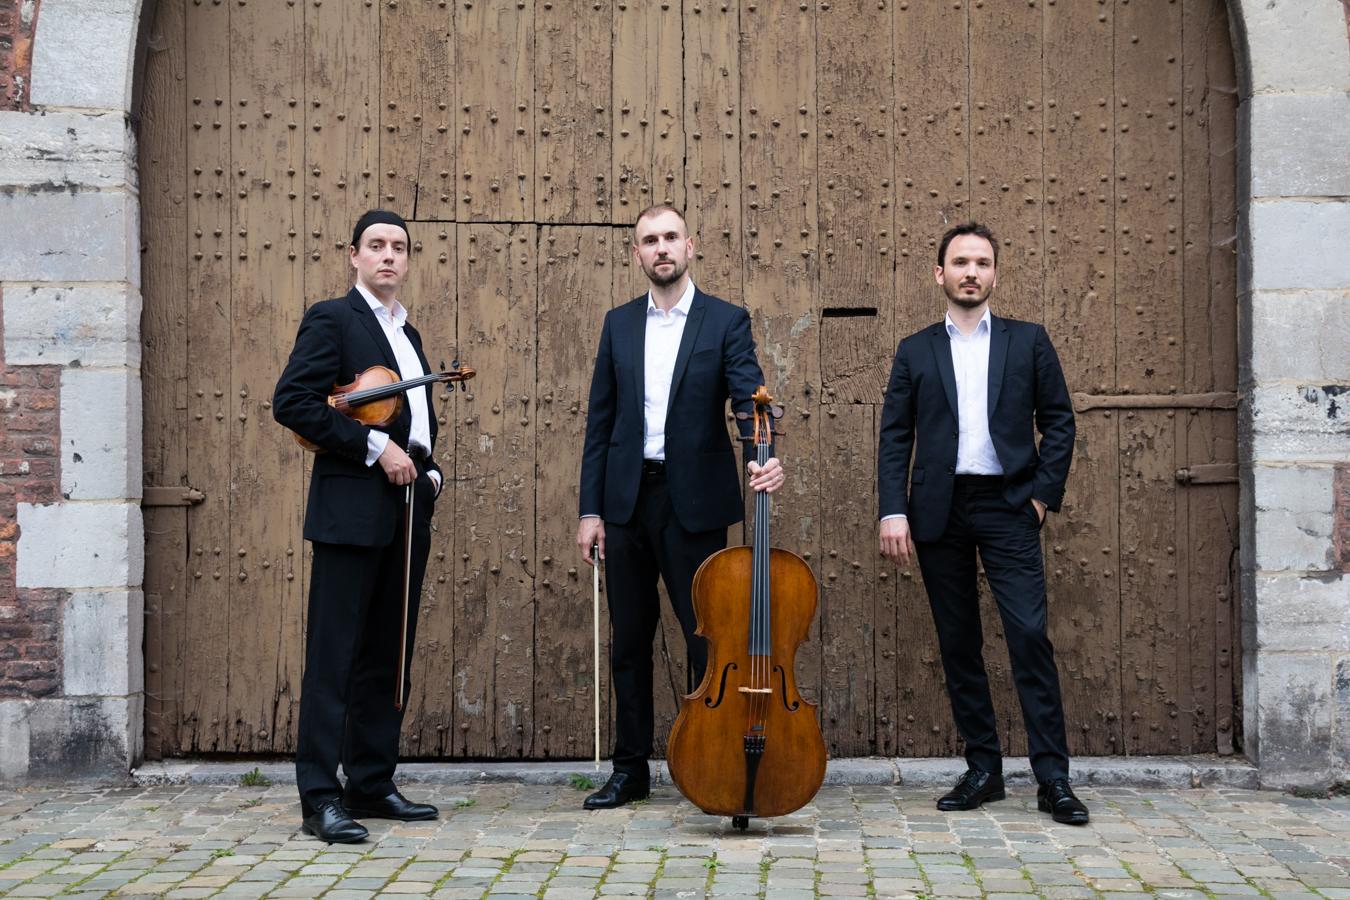 dimore quartetto spilliaert trio 4